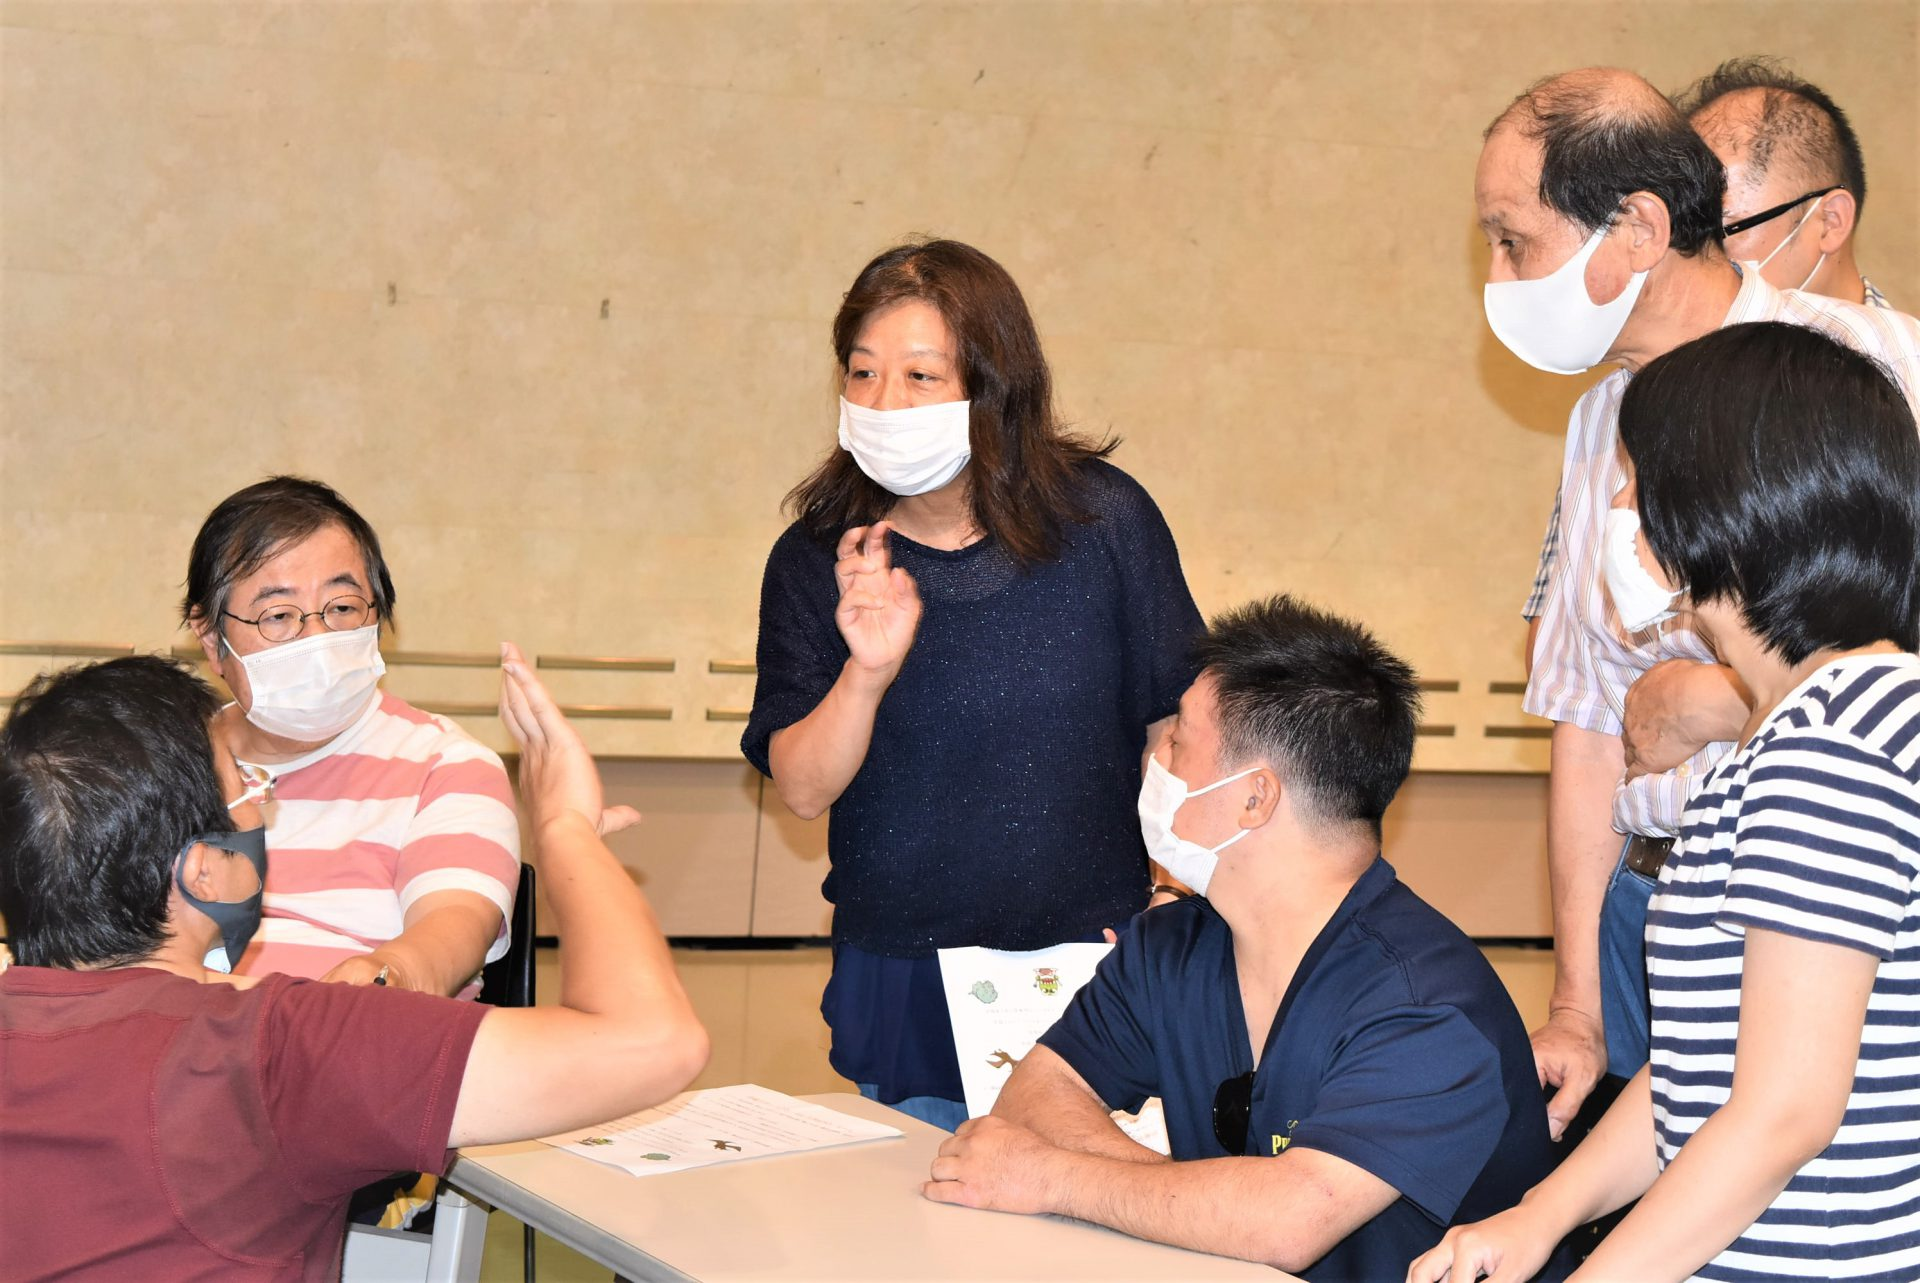 マスク姿で真剣な眼差しでルール説明を聞く利用者